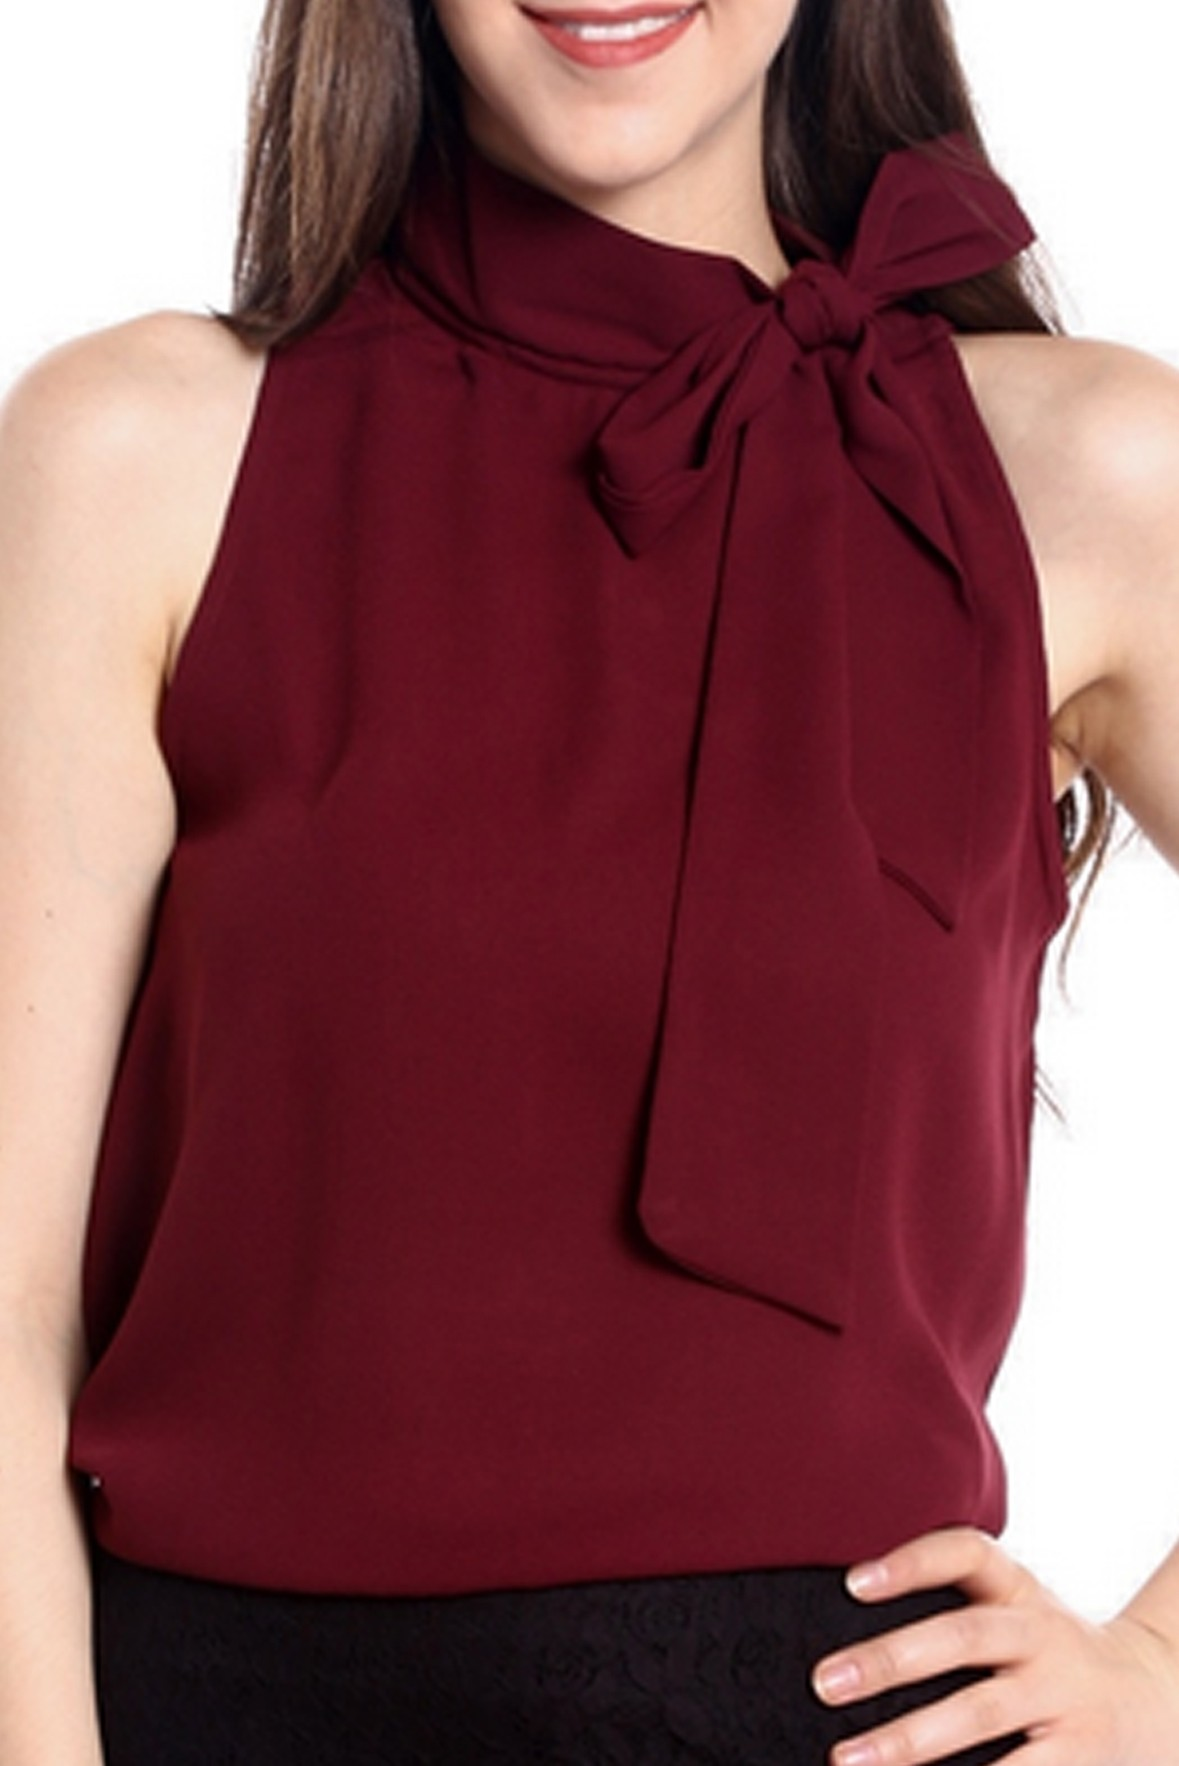 Marsala sleeveless tie top